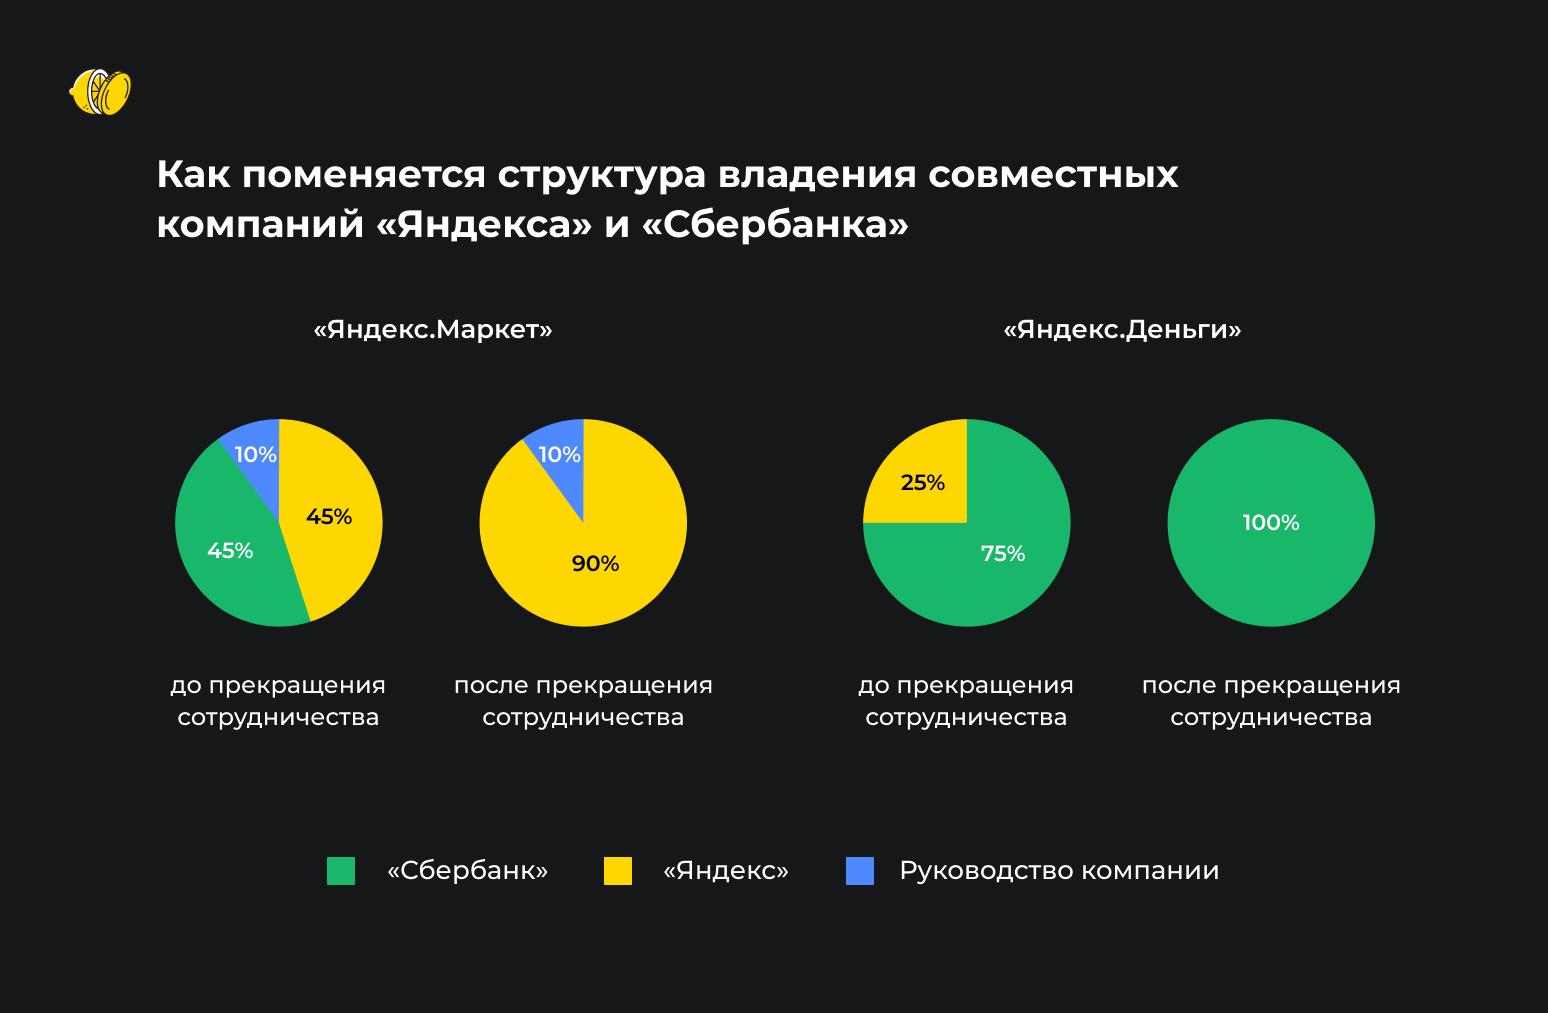 «Сбербанк» и «Яндекс» расстаются. Как это отразится на их акциях?